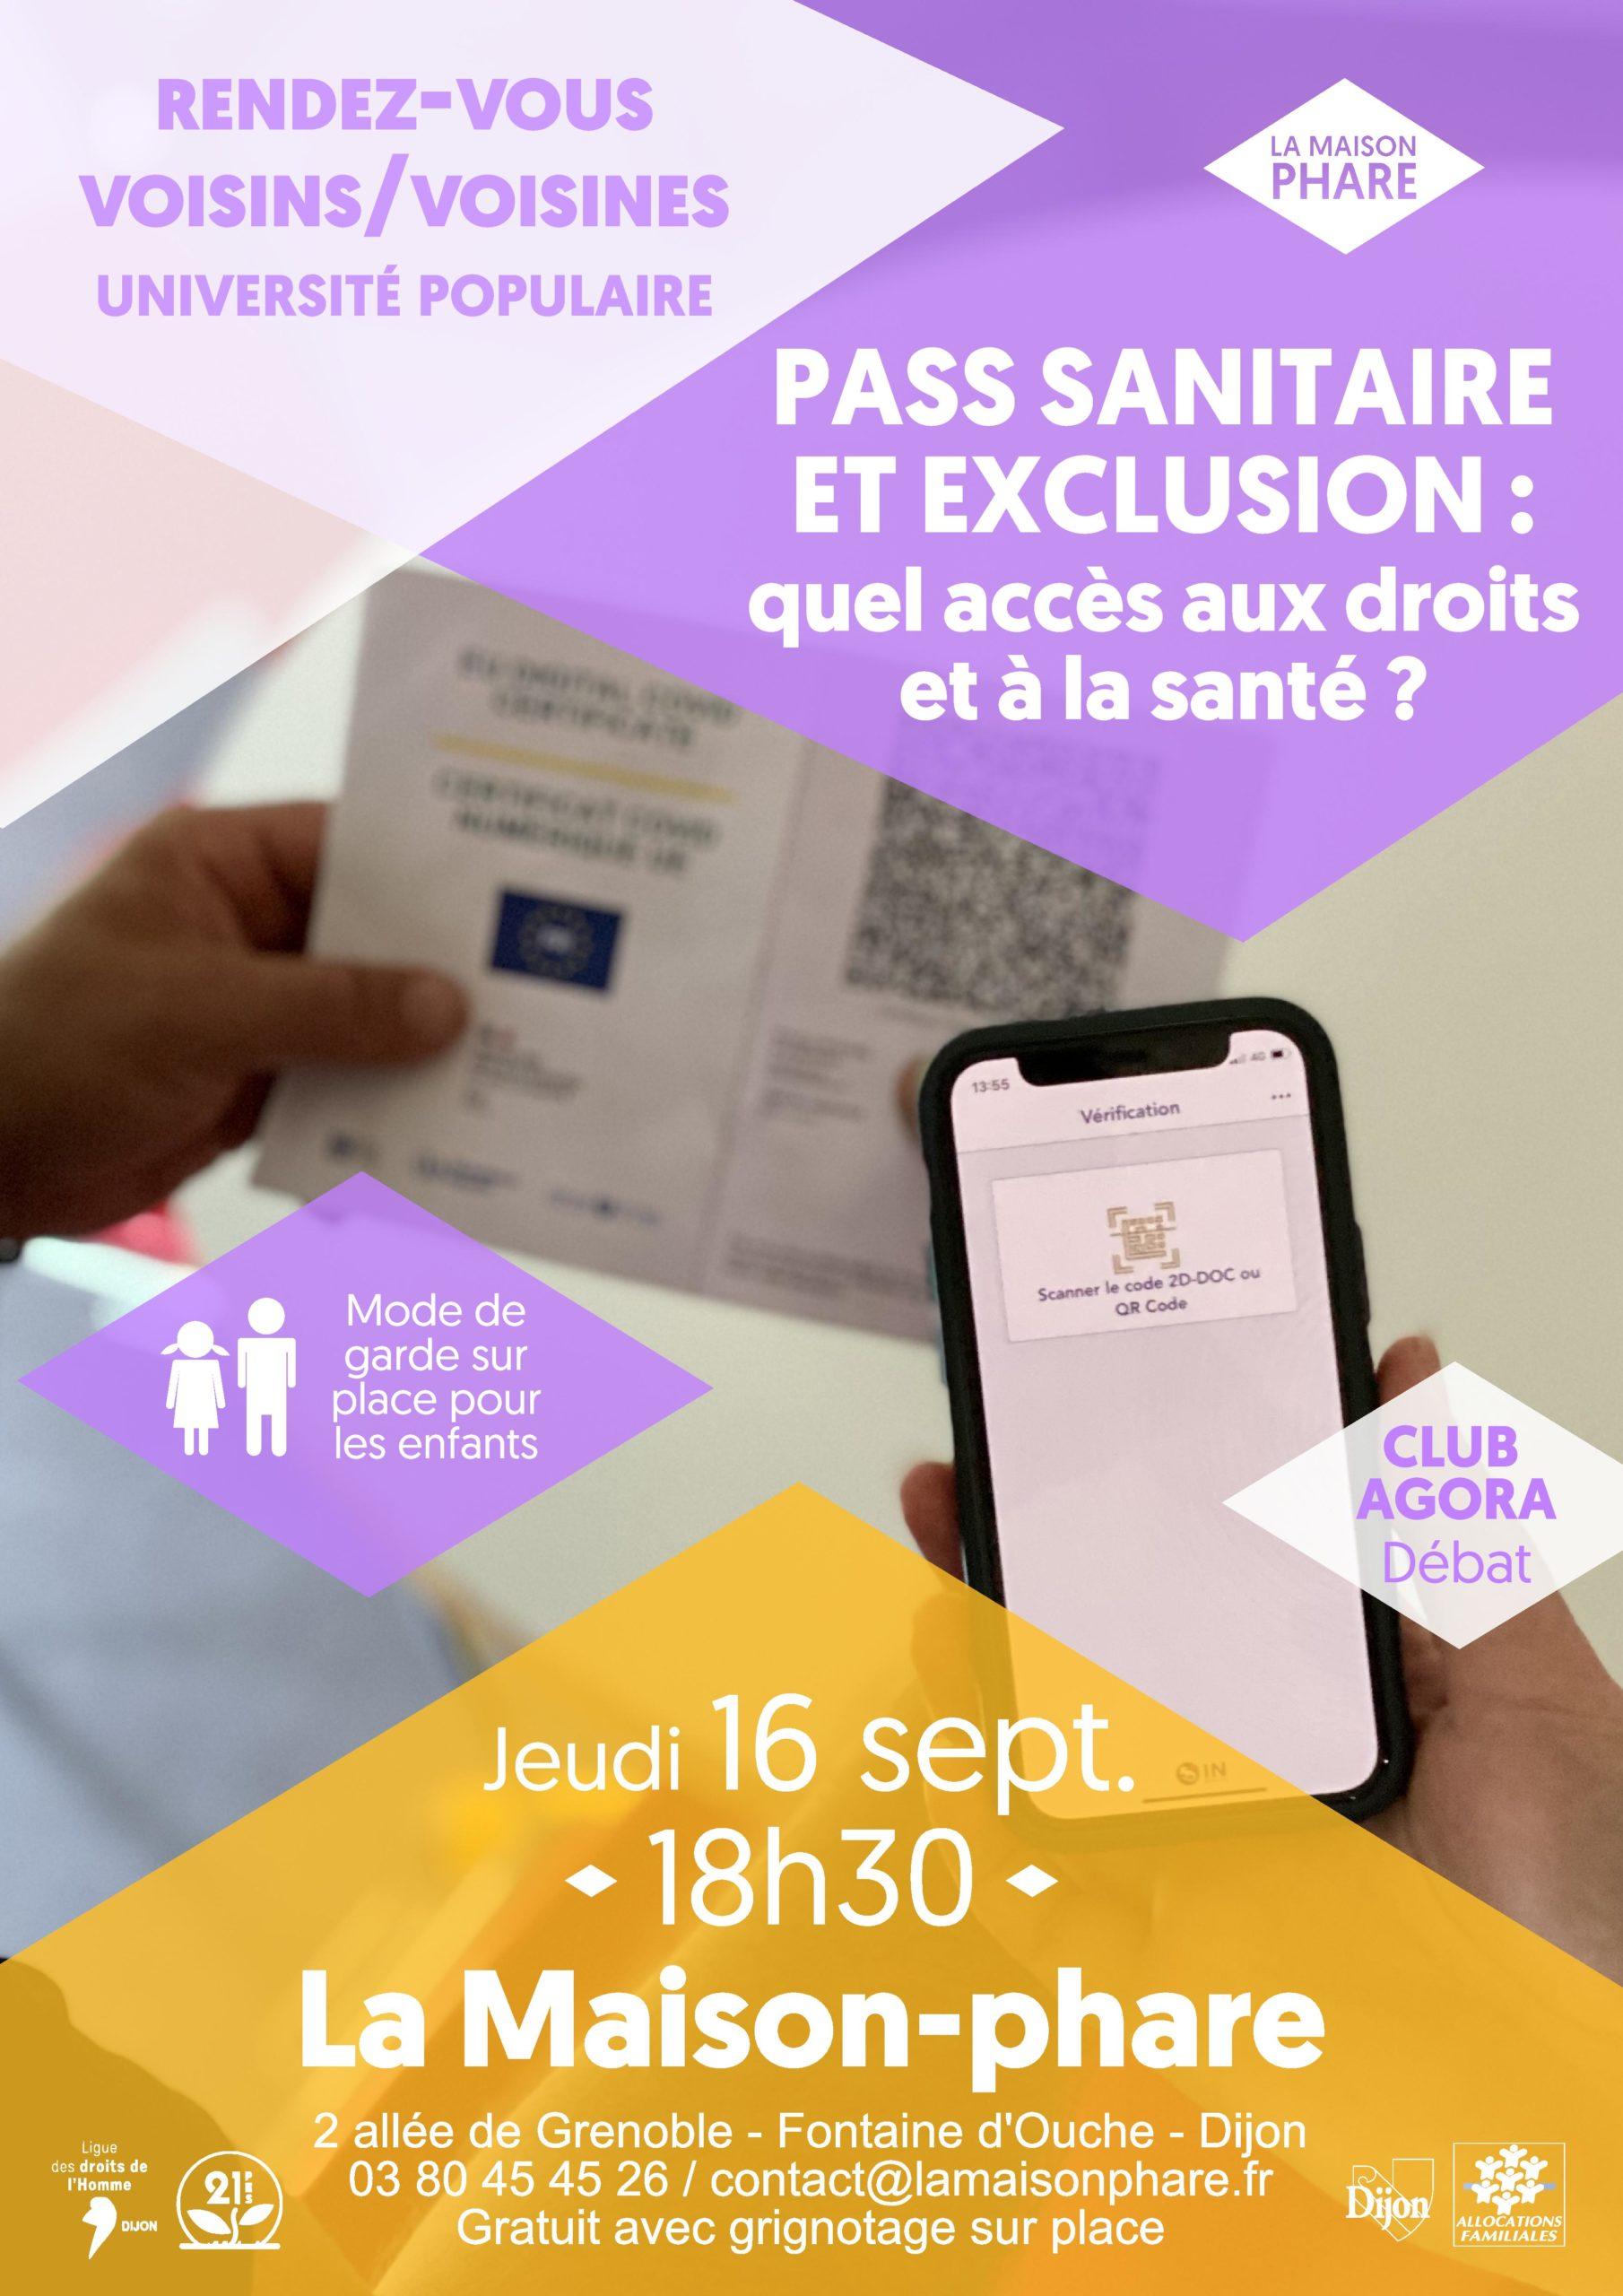 Rendez-Vous Voisins/Voisines : pass sanitaire et exclusion, quel accès aux droits et à la santé ?